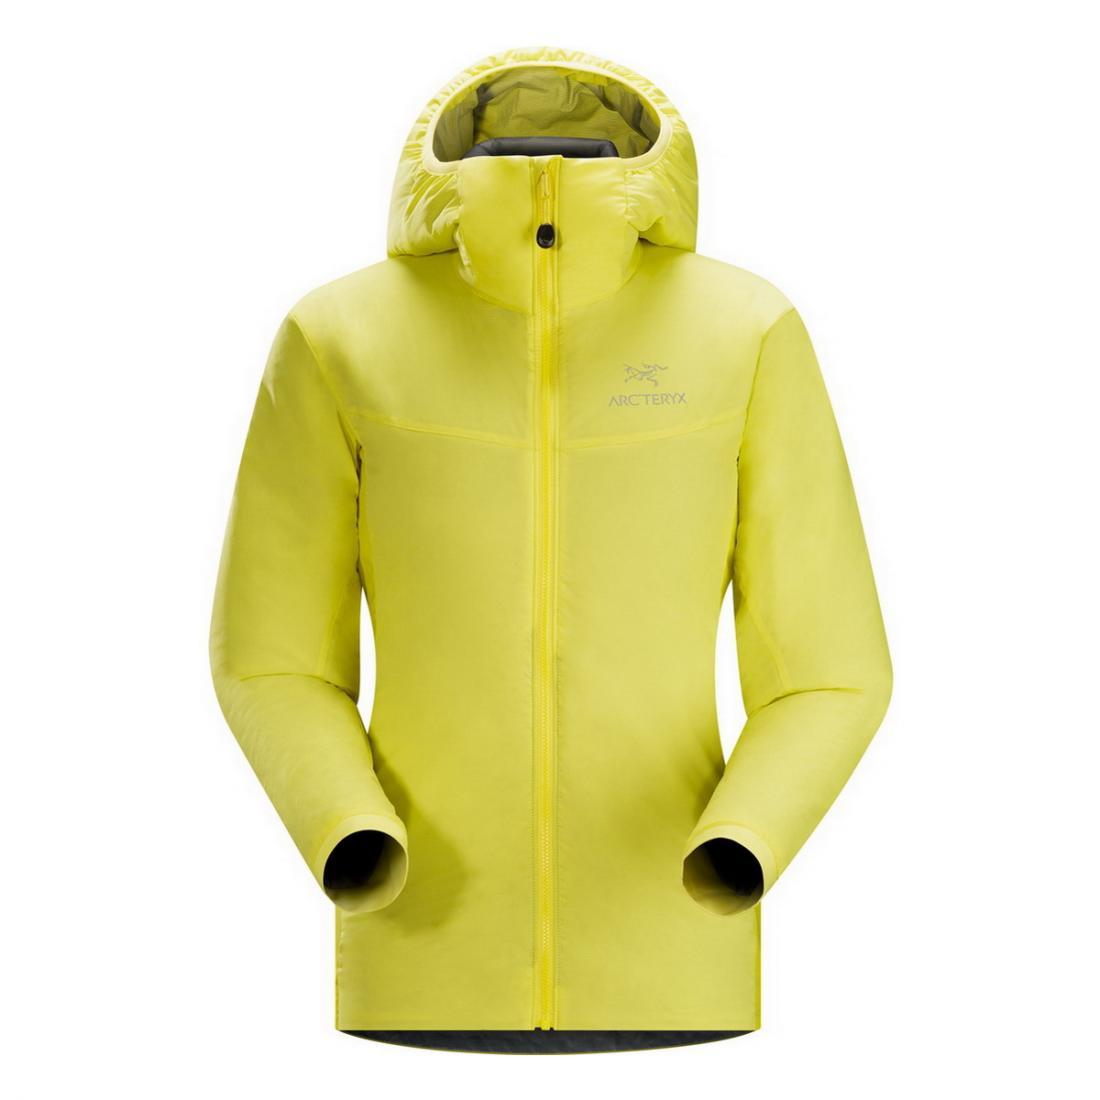 Куртка Atom LT Hoody жен.Куртки<br><br><br><br> Универсальная женская куртка Arcteryx Atom LT Hoody – оптимальный вариант для занятий зимними активными видами спорта и походов. Очень ле...<br><br>Цвет: Лимонный<br>Размер: S